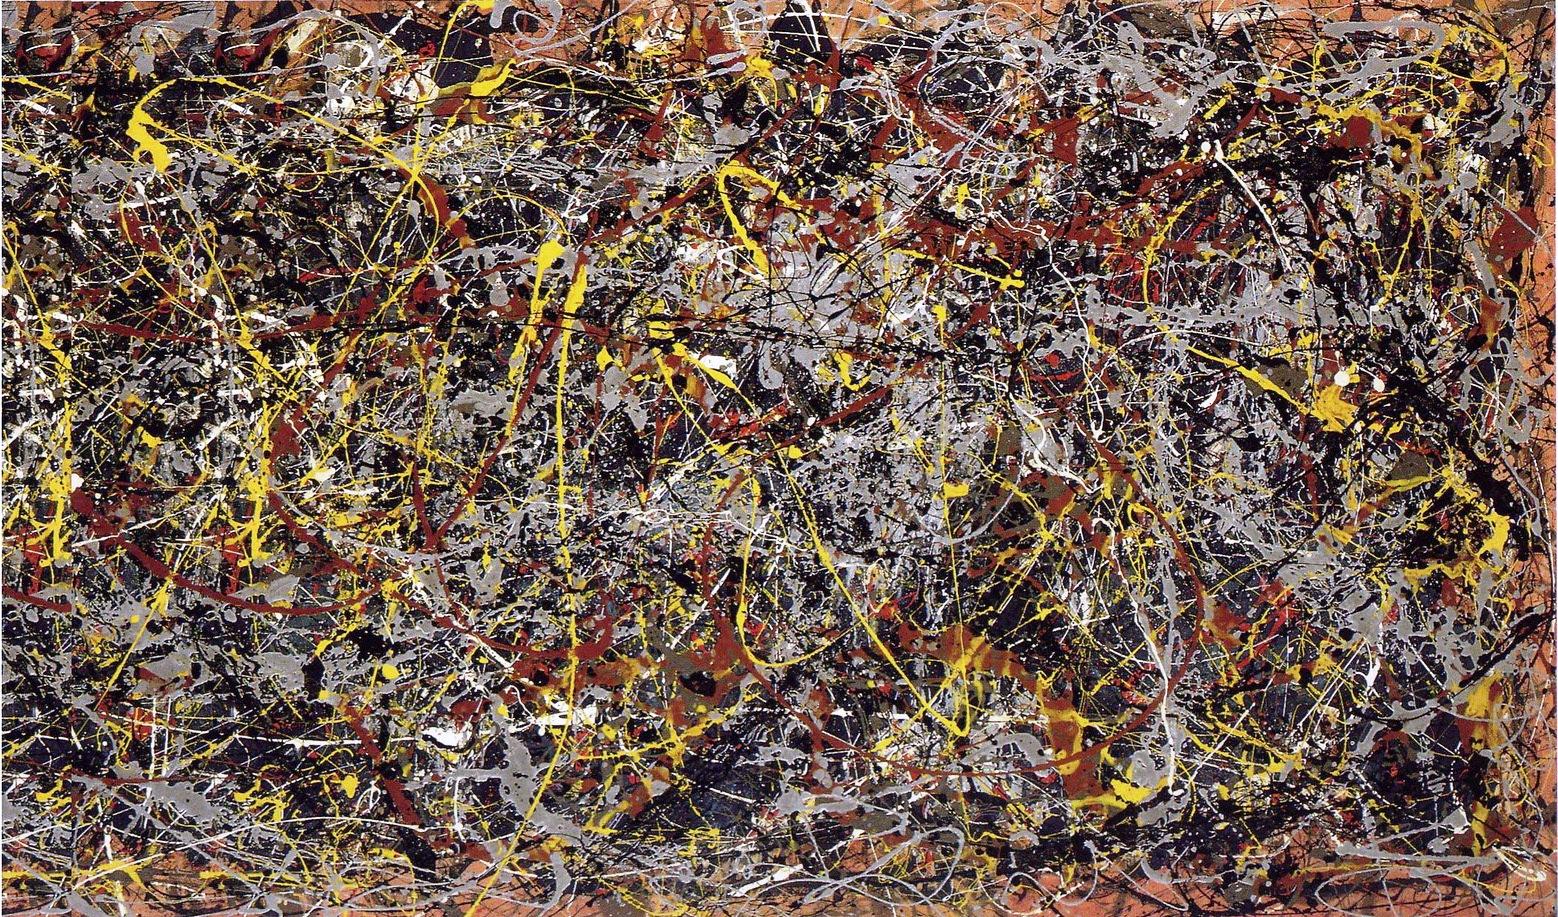 http://1.bp.blogspot.com/-0gpmL88Pqag/T6869o7v0gI/AAAAAAAACbg/vwvH-zPuxHA/s1600/Pollock_no-5.jpg